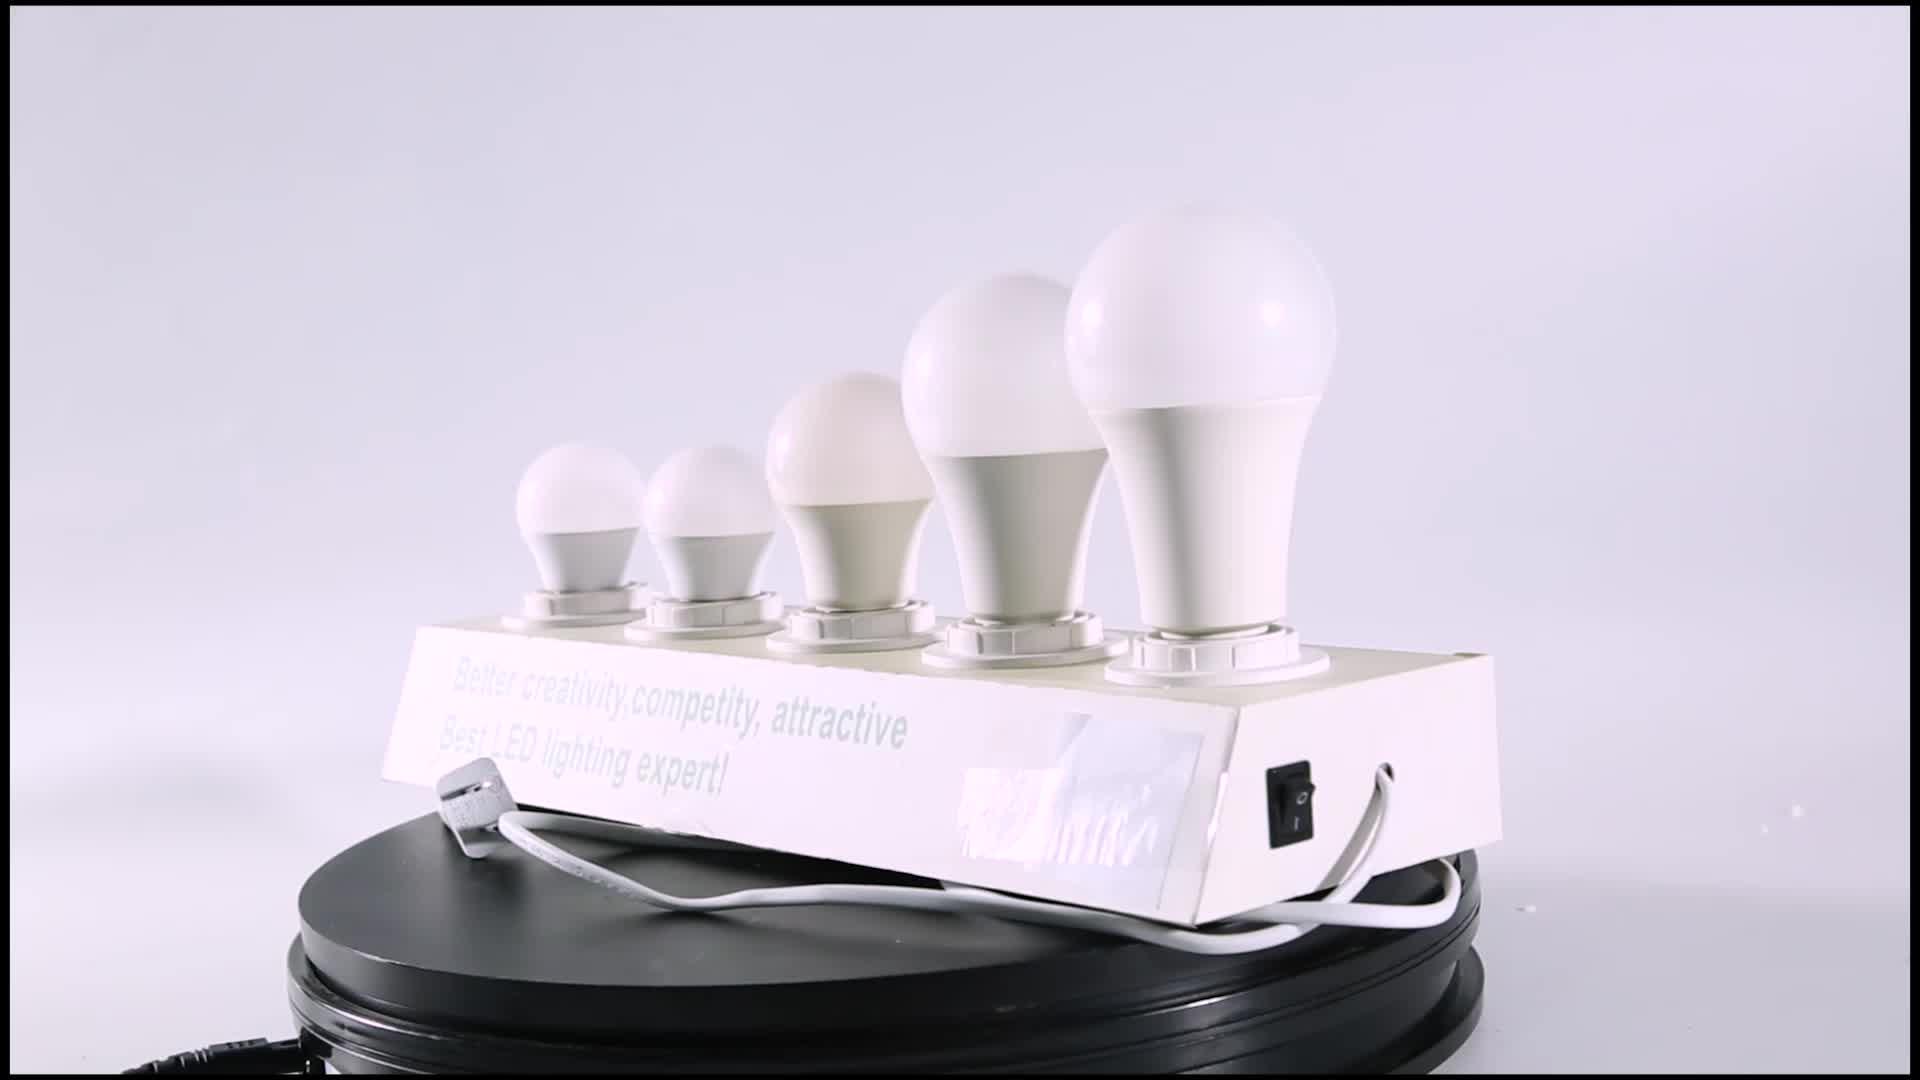 Противомоскитная лампа 3 Вт 9 Вт 15 Вт отлично подходит для наружного крыльца свет в ночь светодиодная лампа отпугивающая насекомых желтая лампа отпугивающая москитов Светодиодная лампа